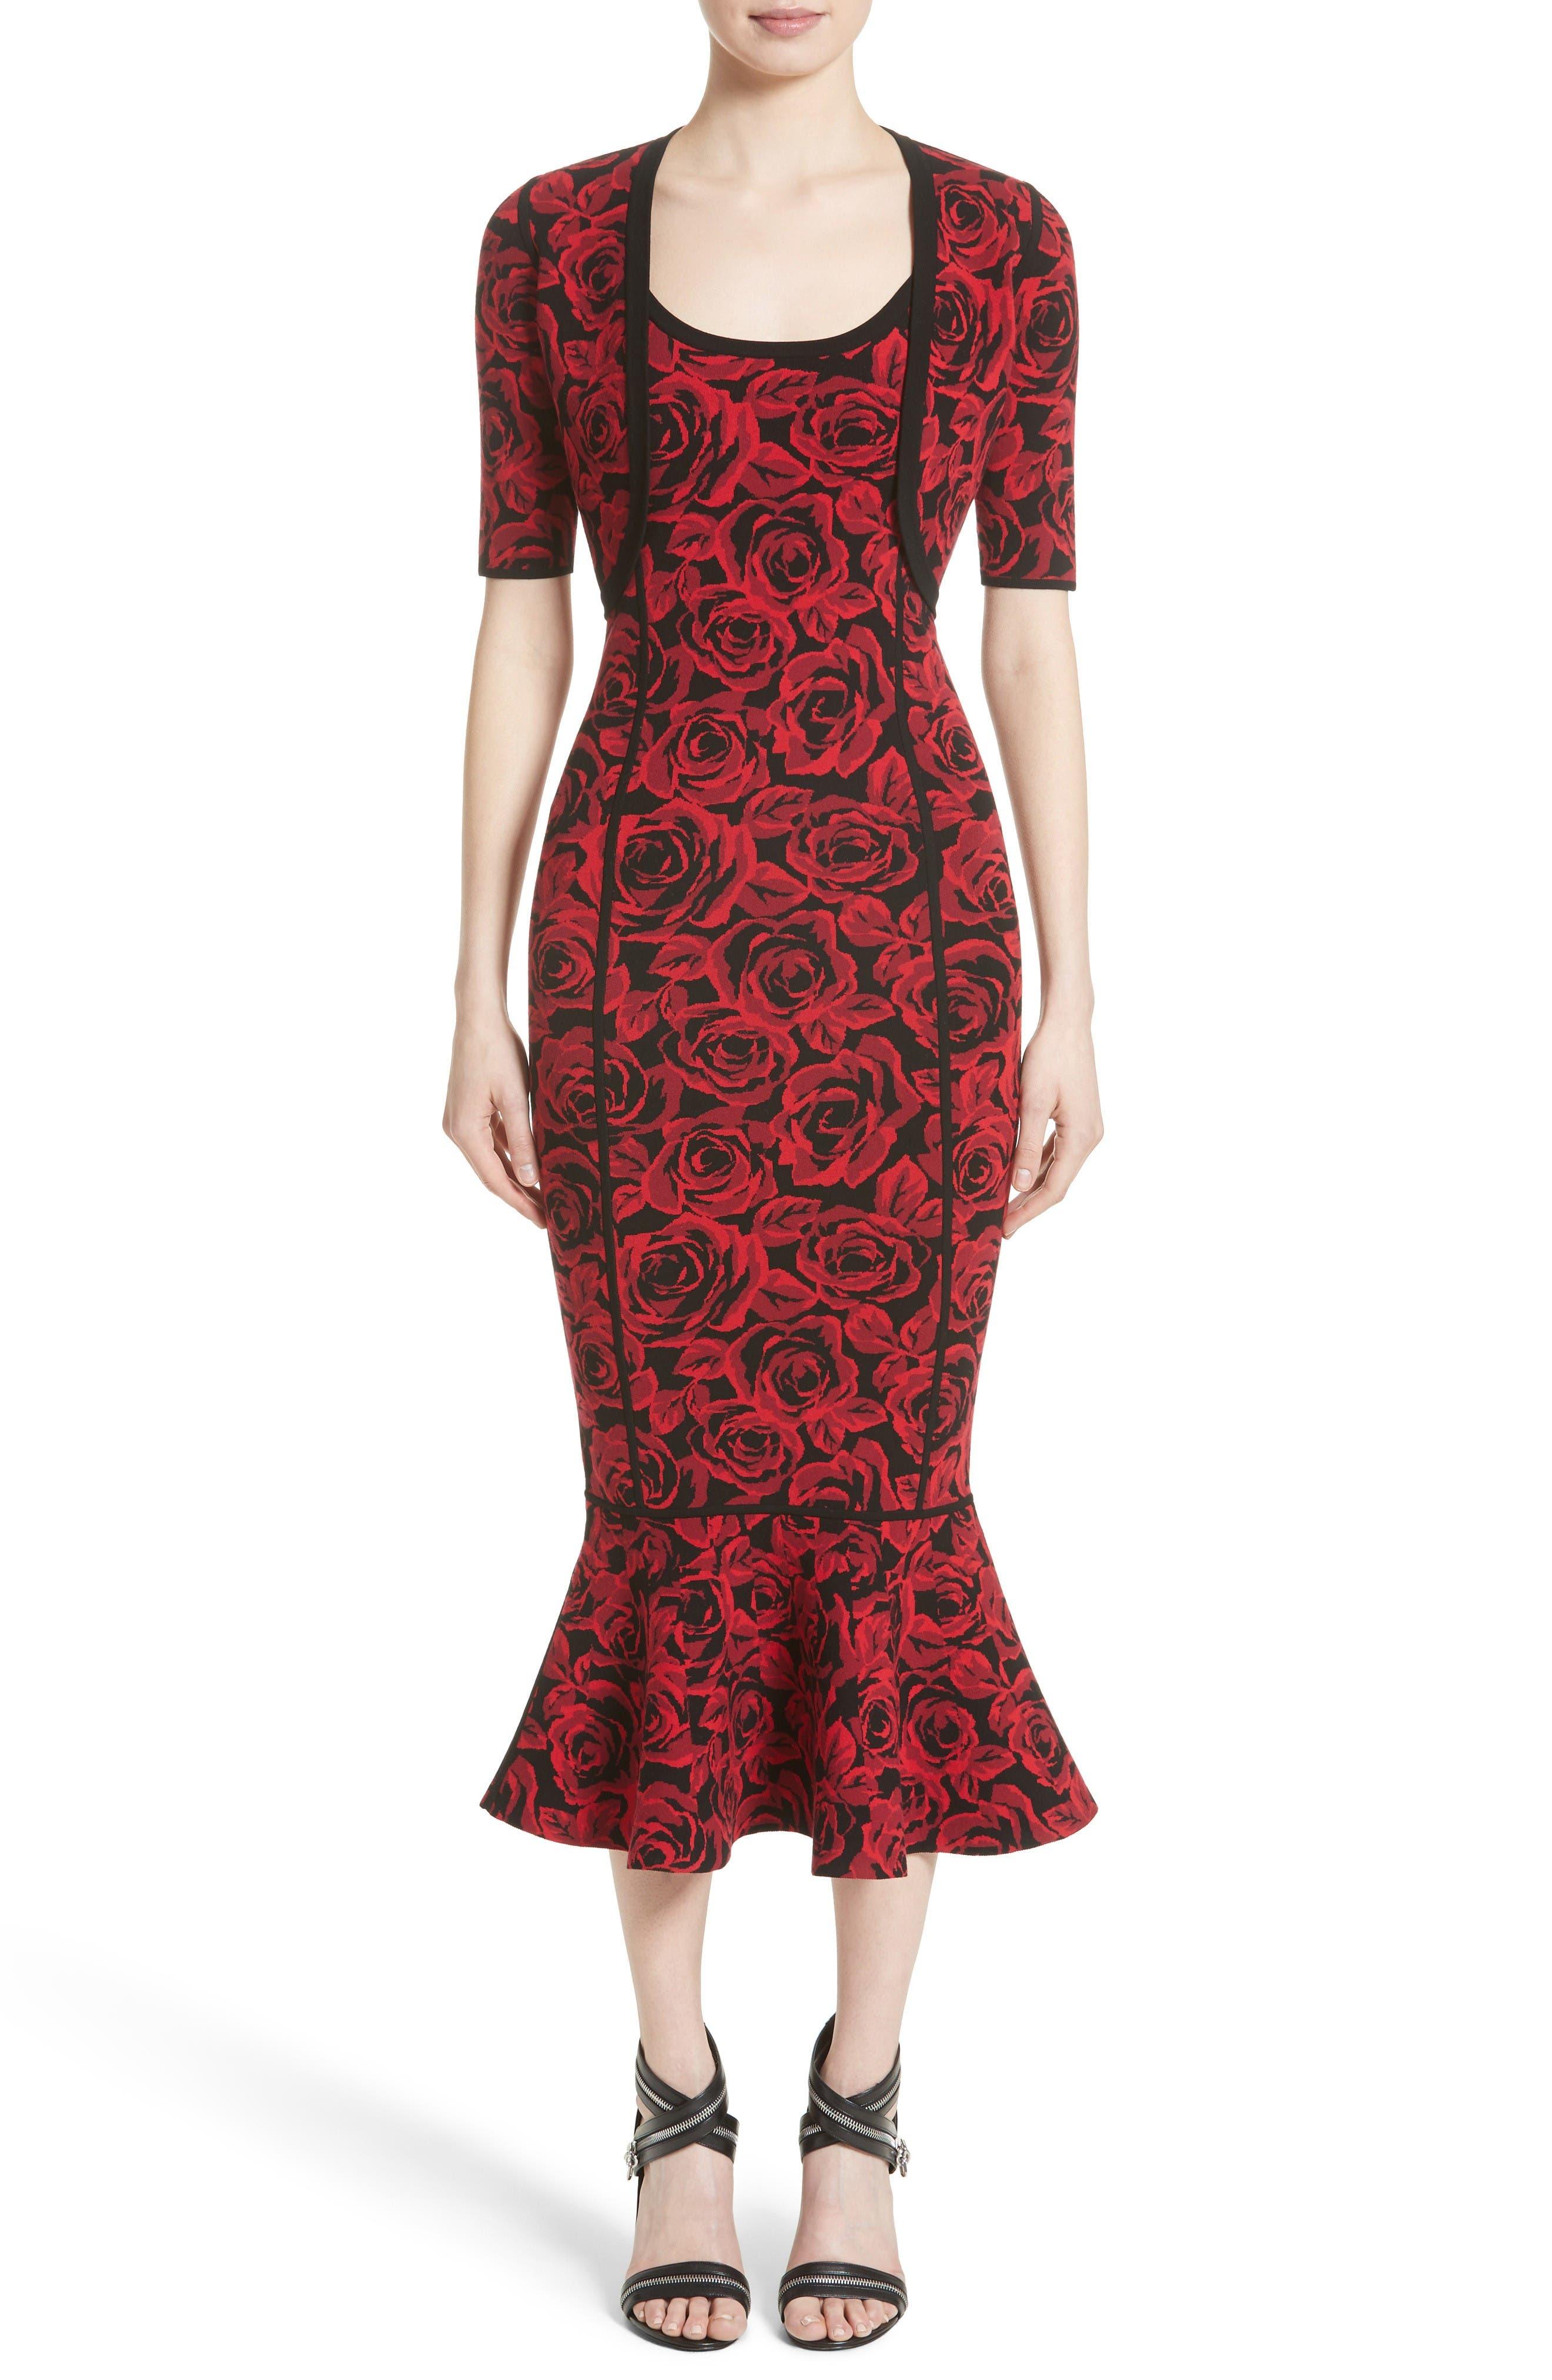 Rose Stretch Jacquard Shrug,                         Main,                         color, Crimson/ Black